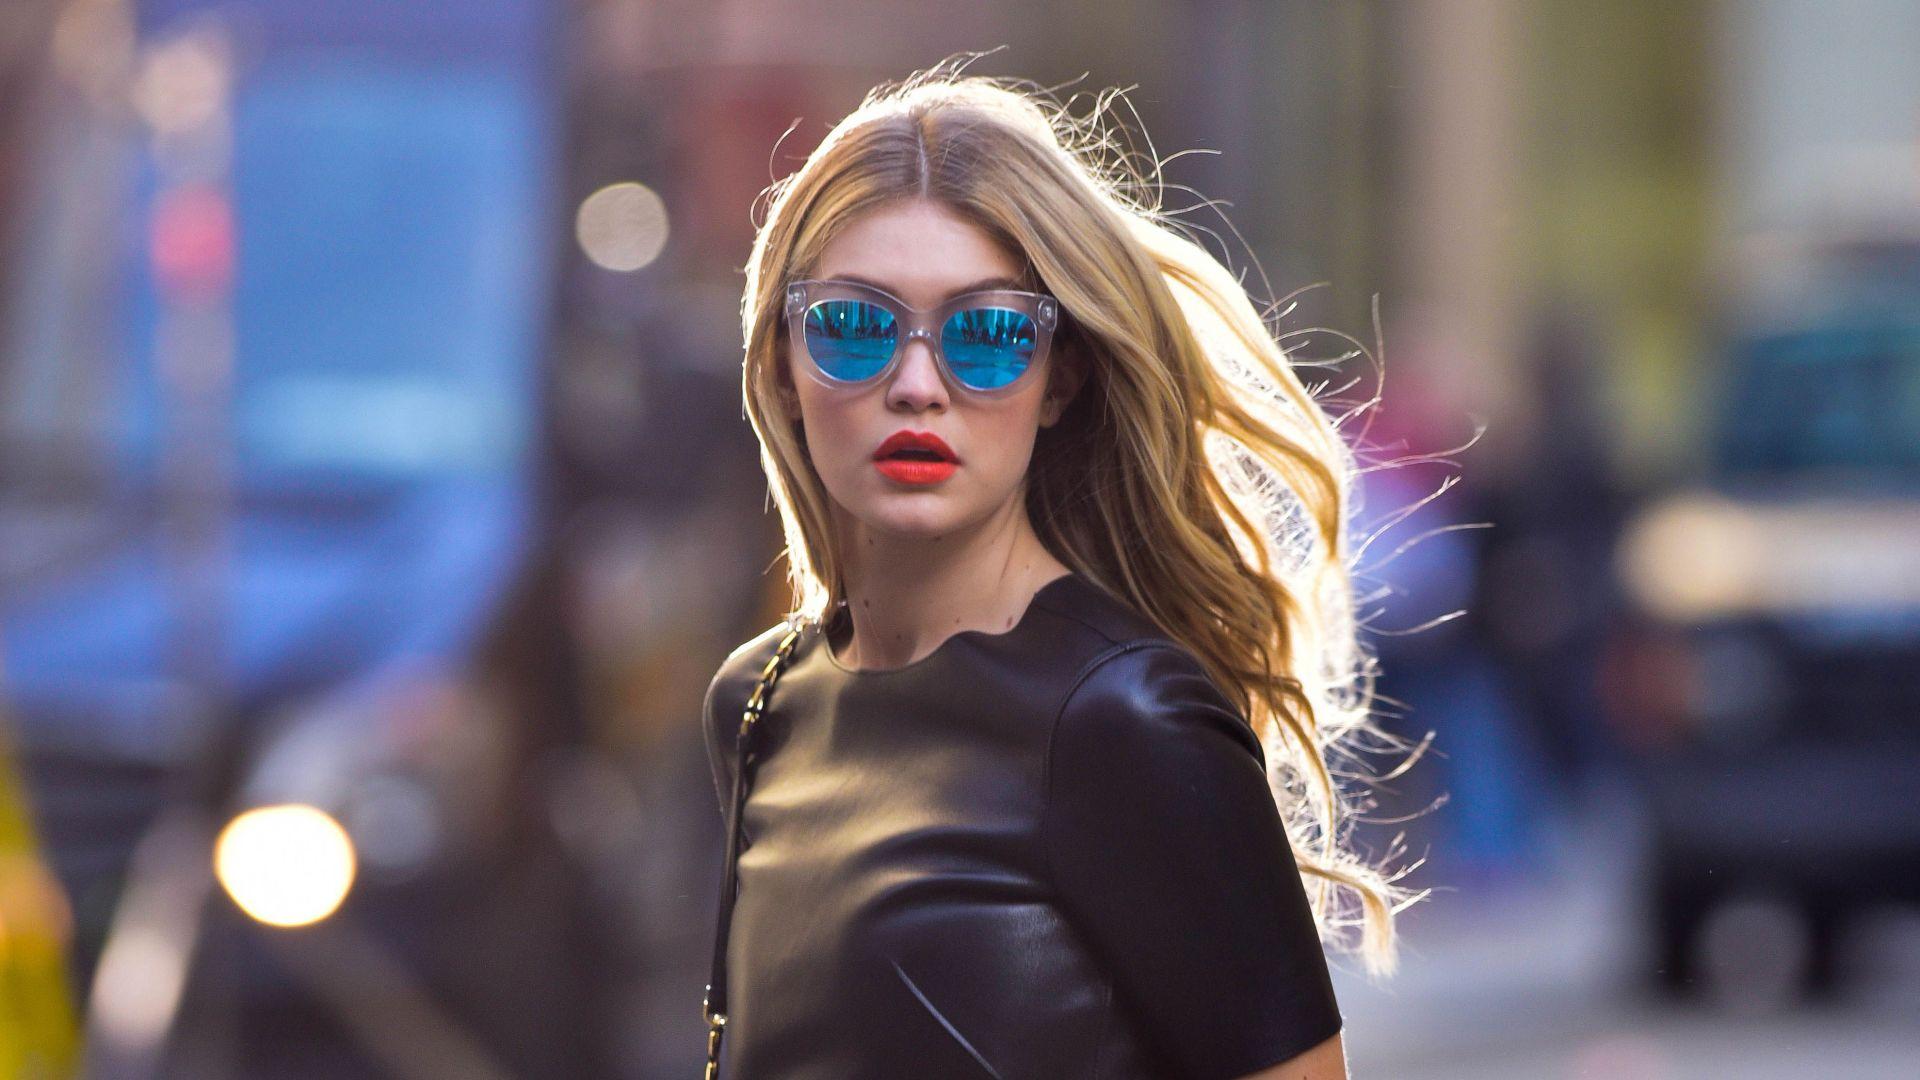 Красивые фото девушек блондинок 21 год ВКонтакте (17)